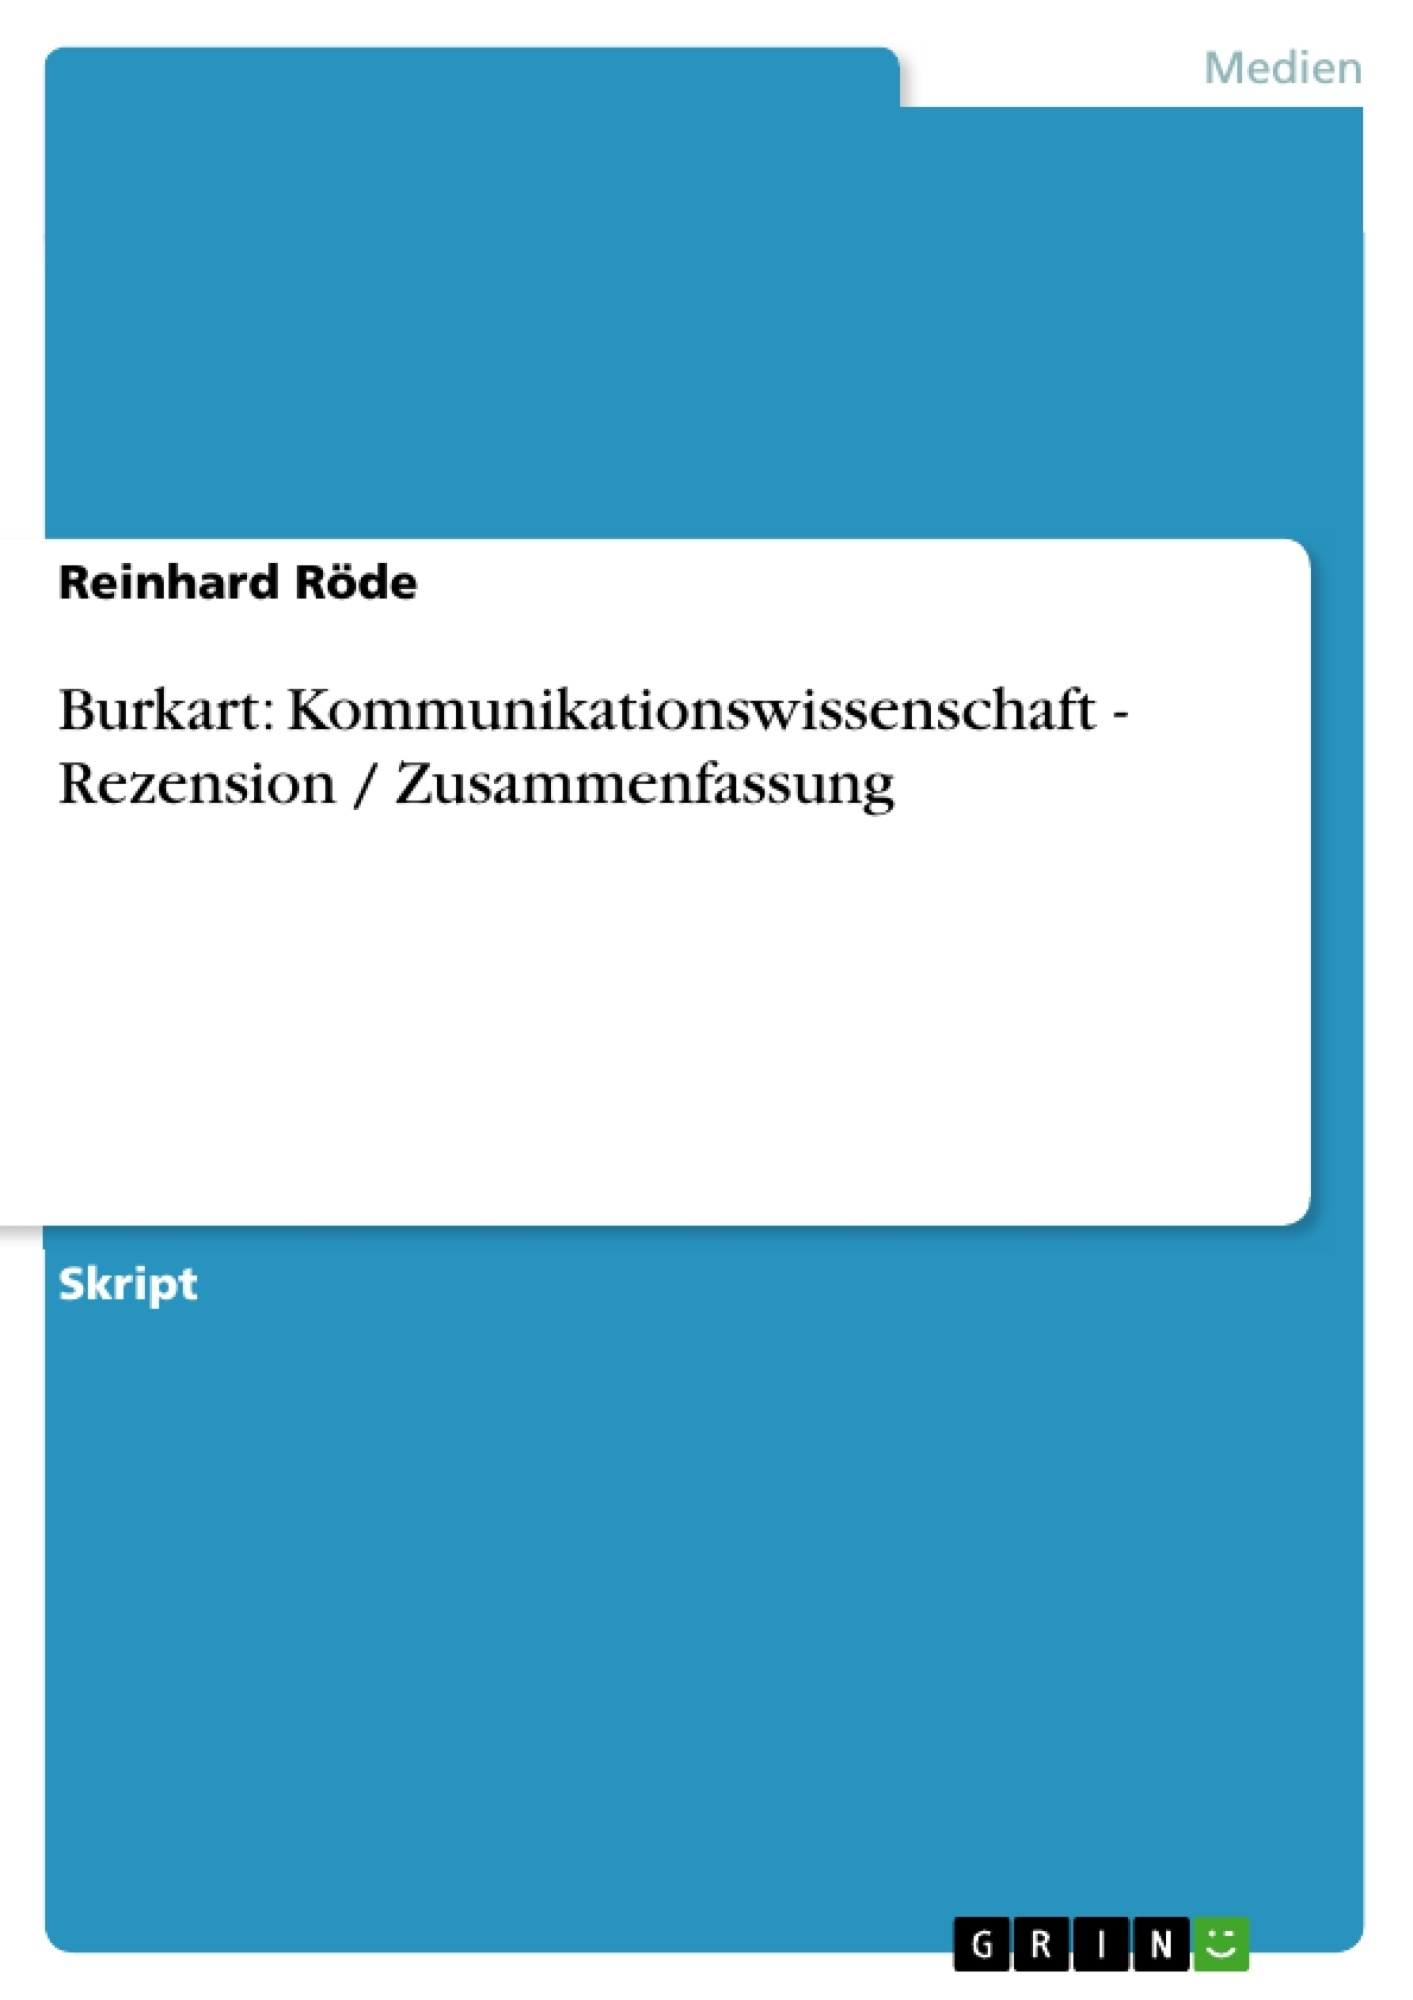 Titel: Burkart: Kommunikationswissenschaft - Rezension / Zusammenfassung